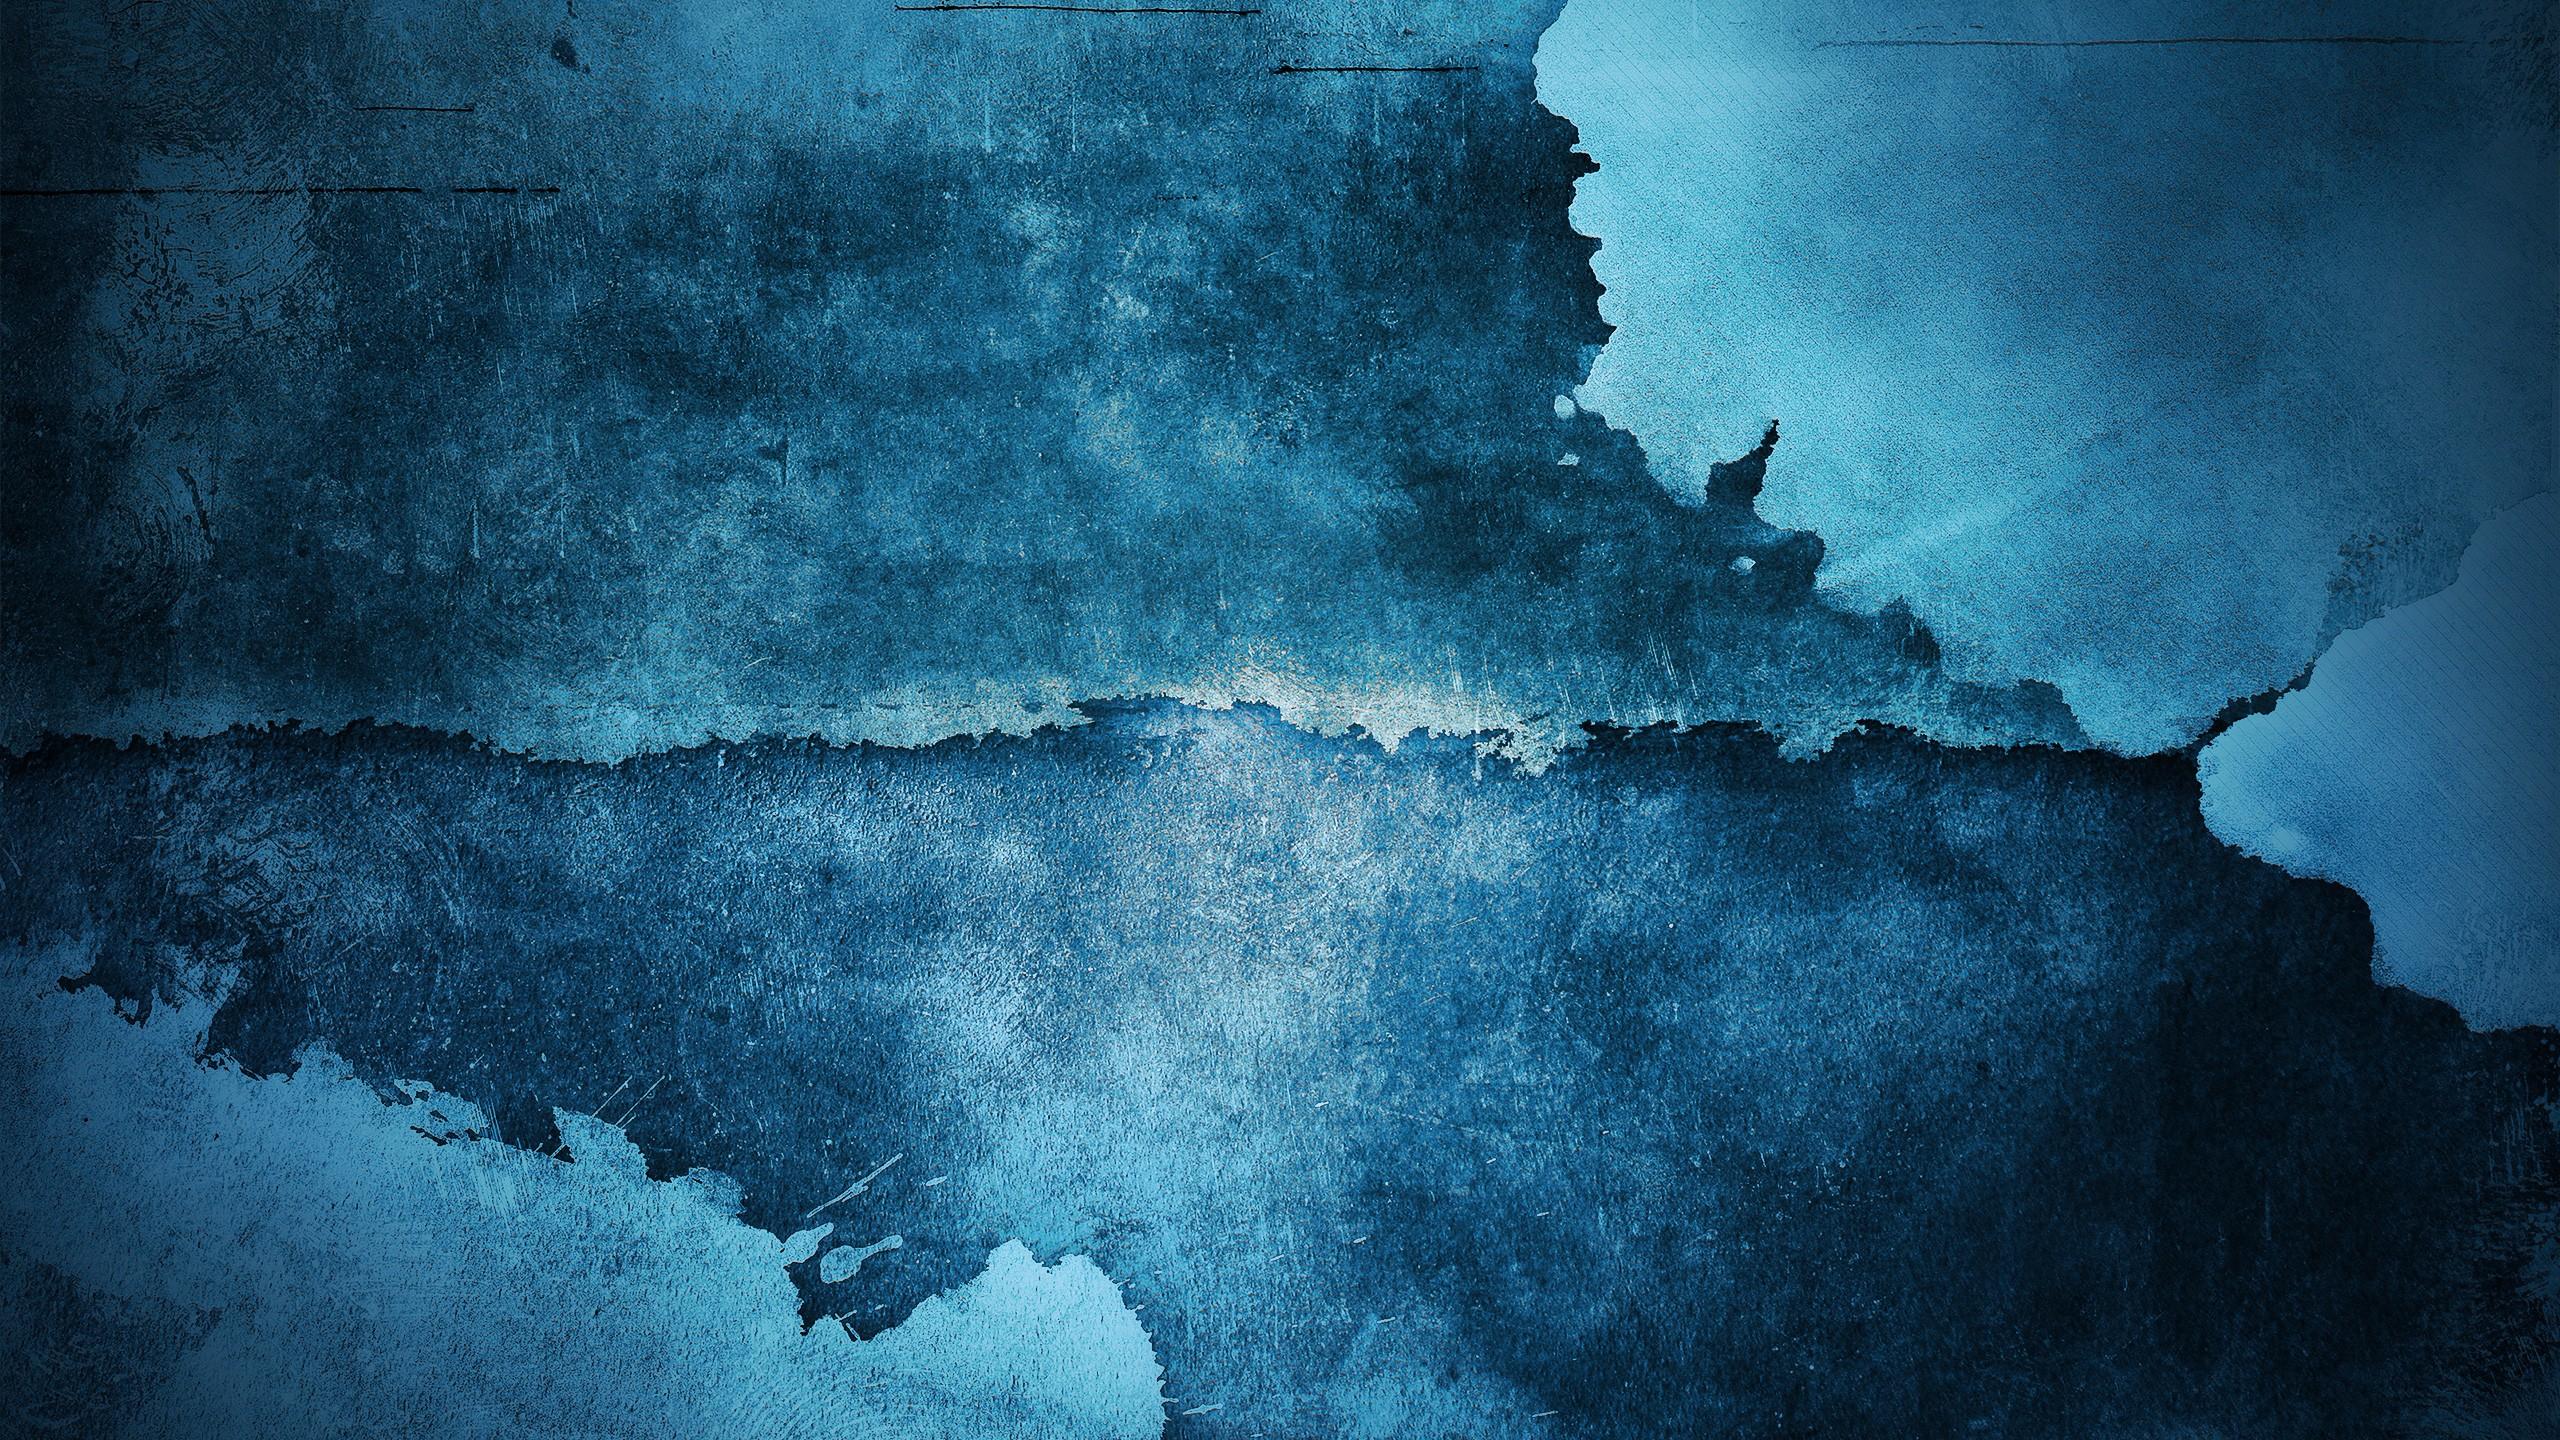 Wallpaper Sunlight Reflection Sky Blue Texture